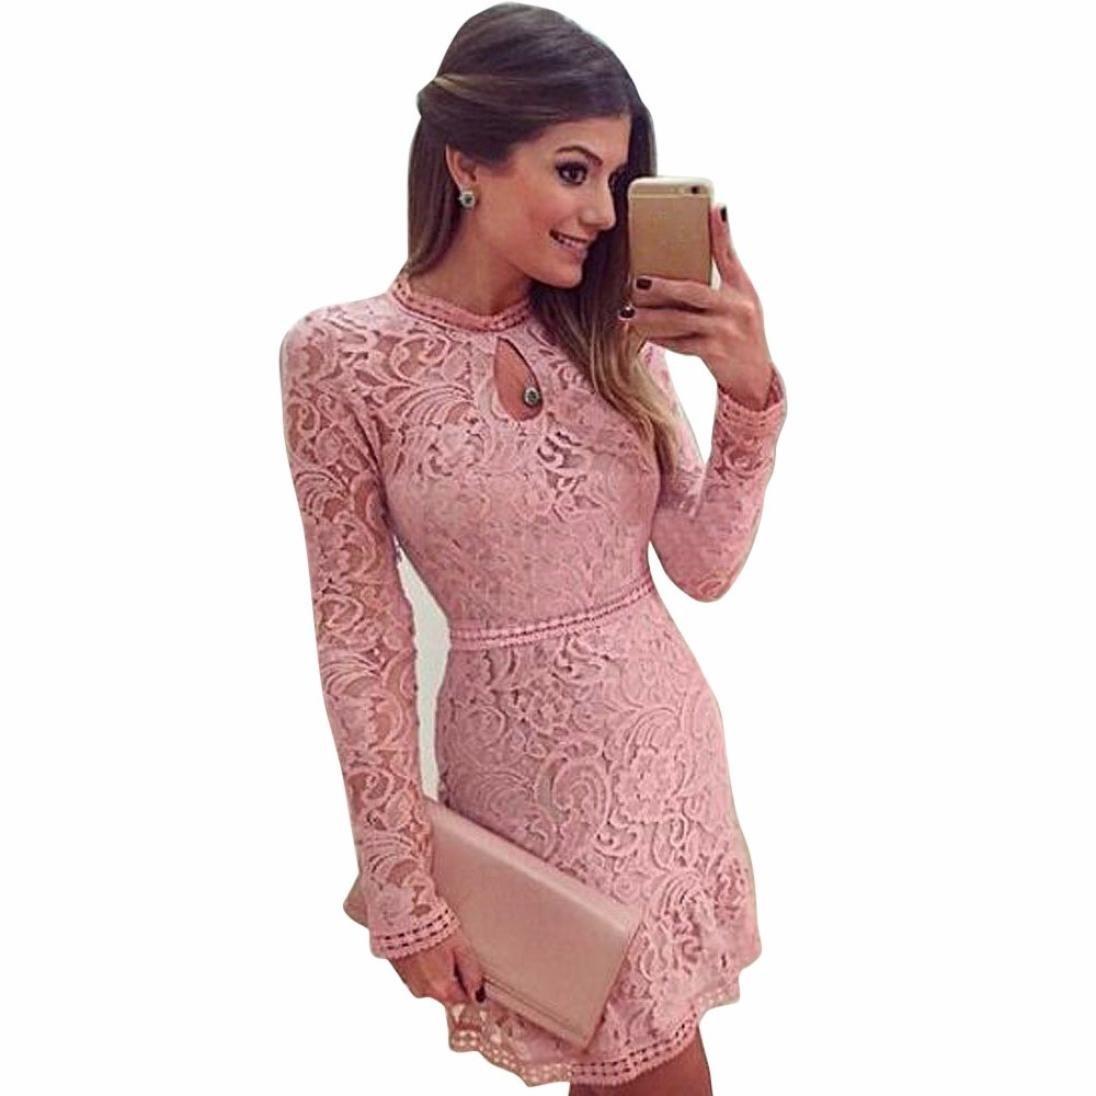 Sonnena - Vestido sexy rosa y encaje de manga larga delgado vestido ...